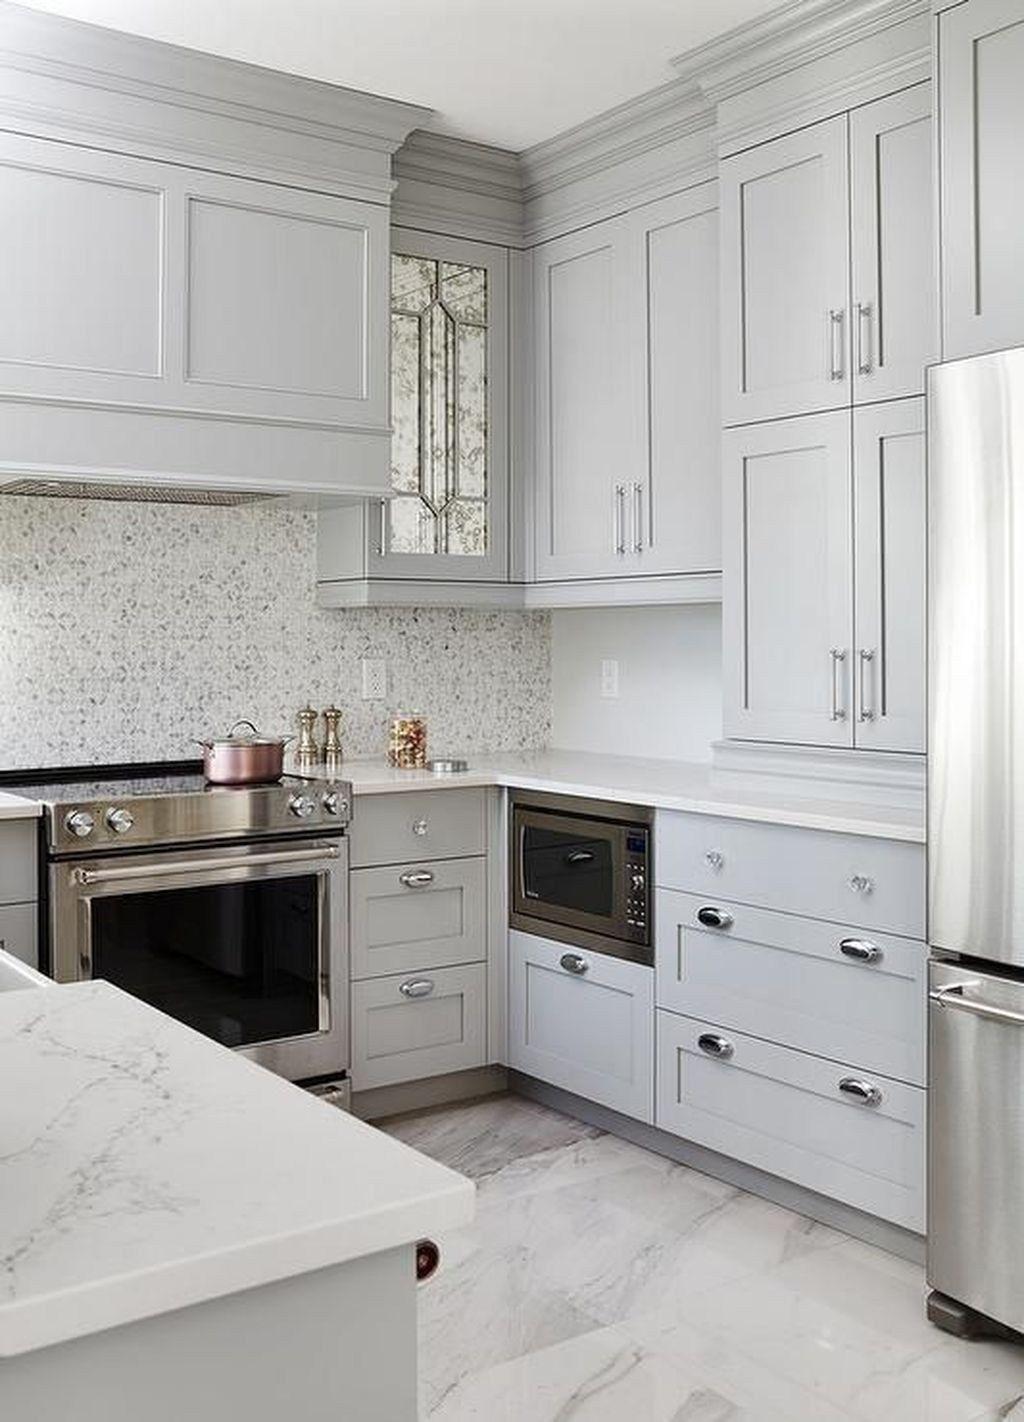 30 Gorgeous Small Kitchen Remodel Ideas Trendhmdcr Kitchen Remodel Small Kitchen Design Small Small White Kitchens